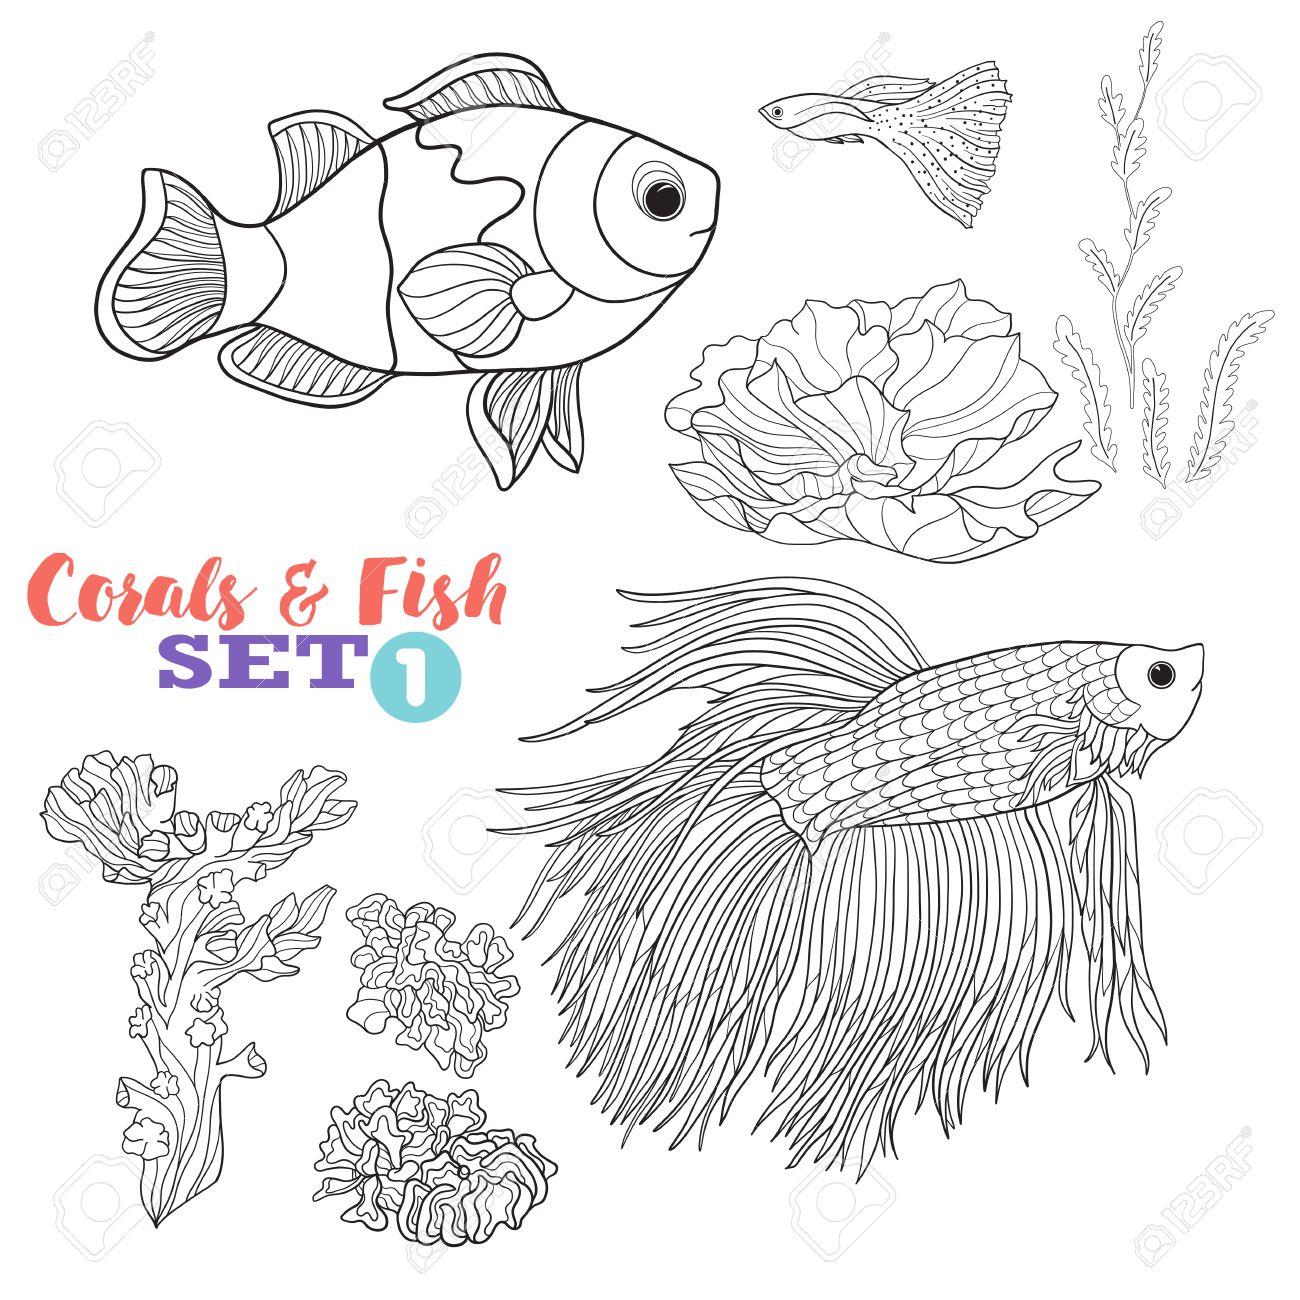 Fantastisch Korallenriff Fisch Malvorlagen Bilder - Beispiel ...